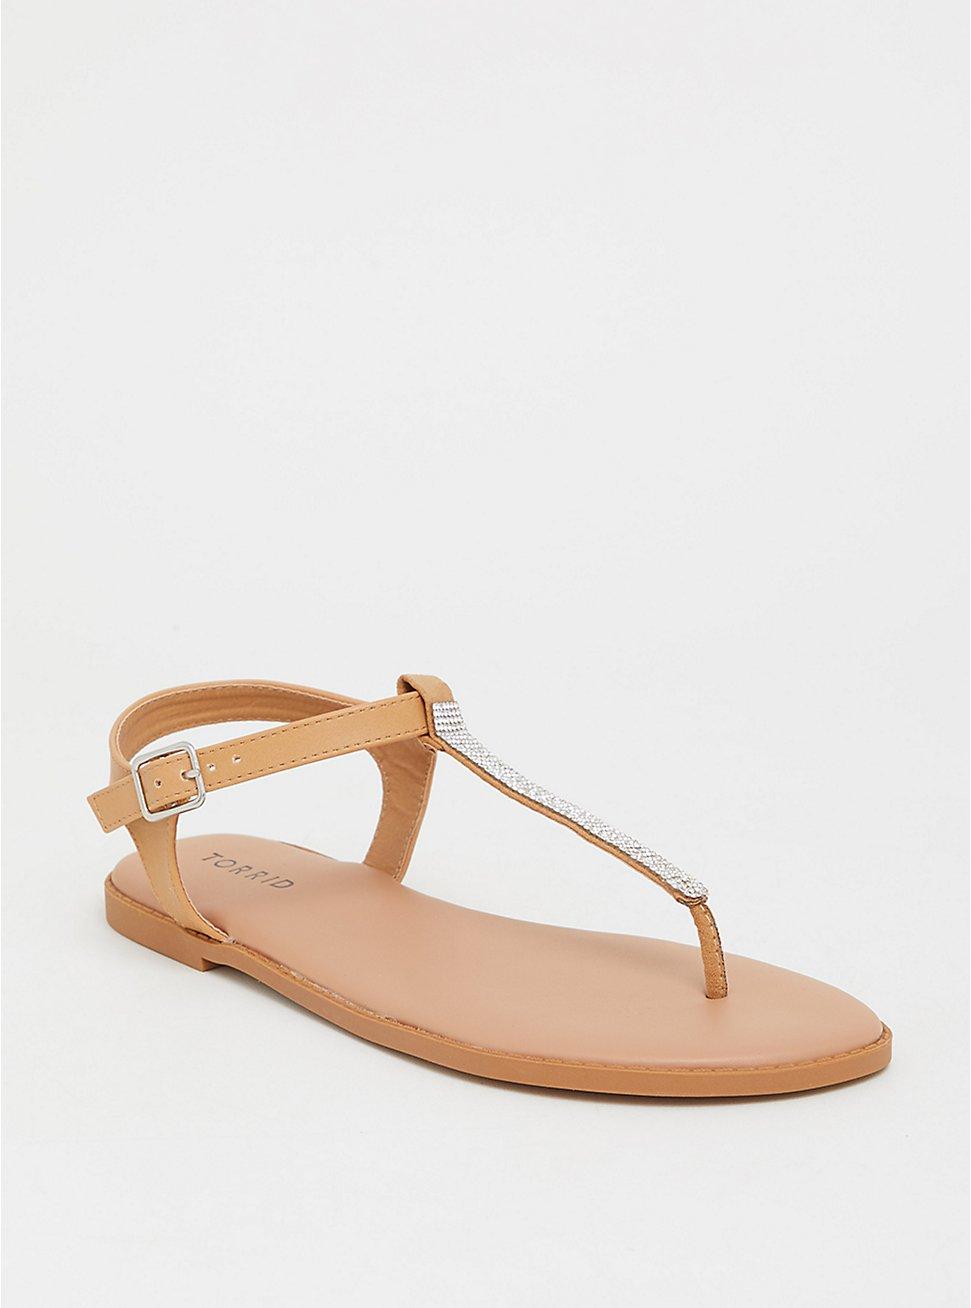 Tan Rhinestone T-Strap Sandal (WW), TAN/BEIGE, hi-res